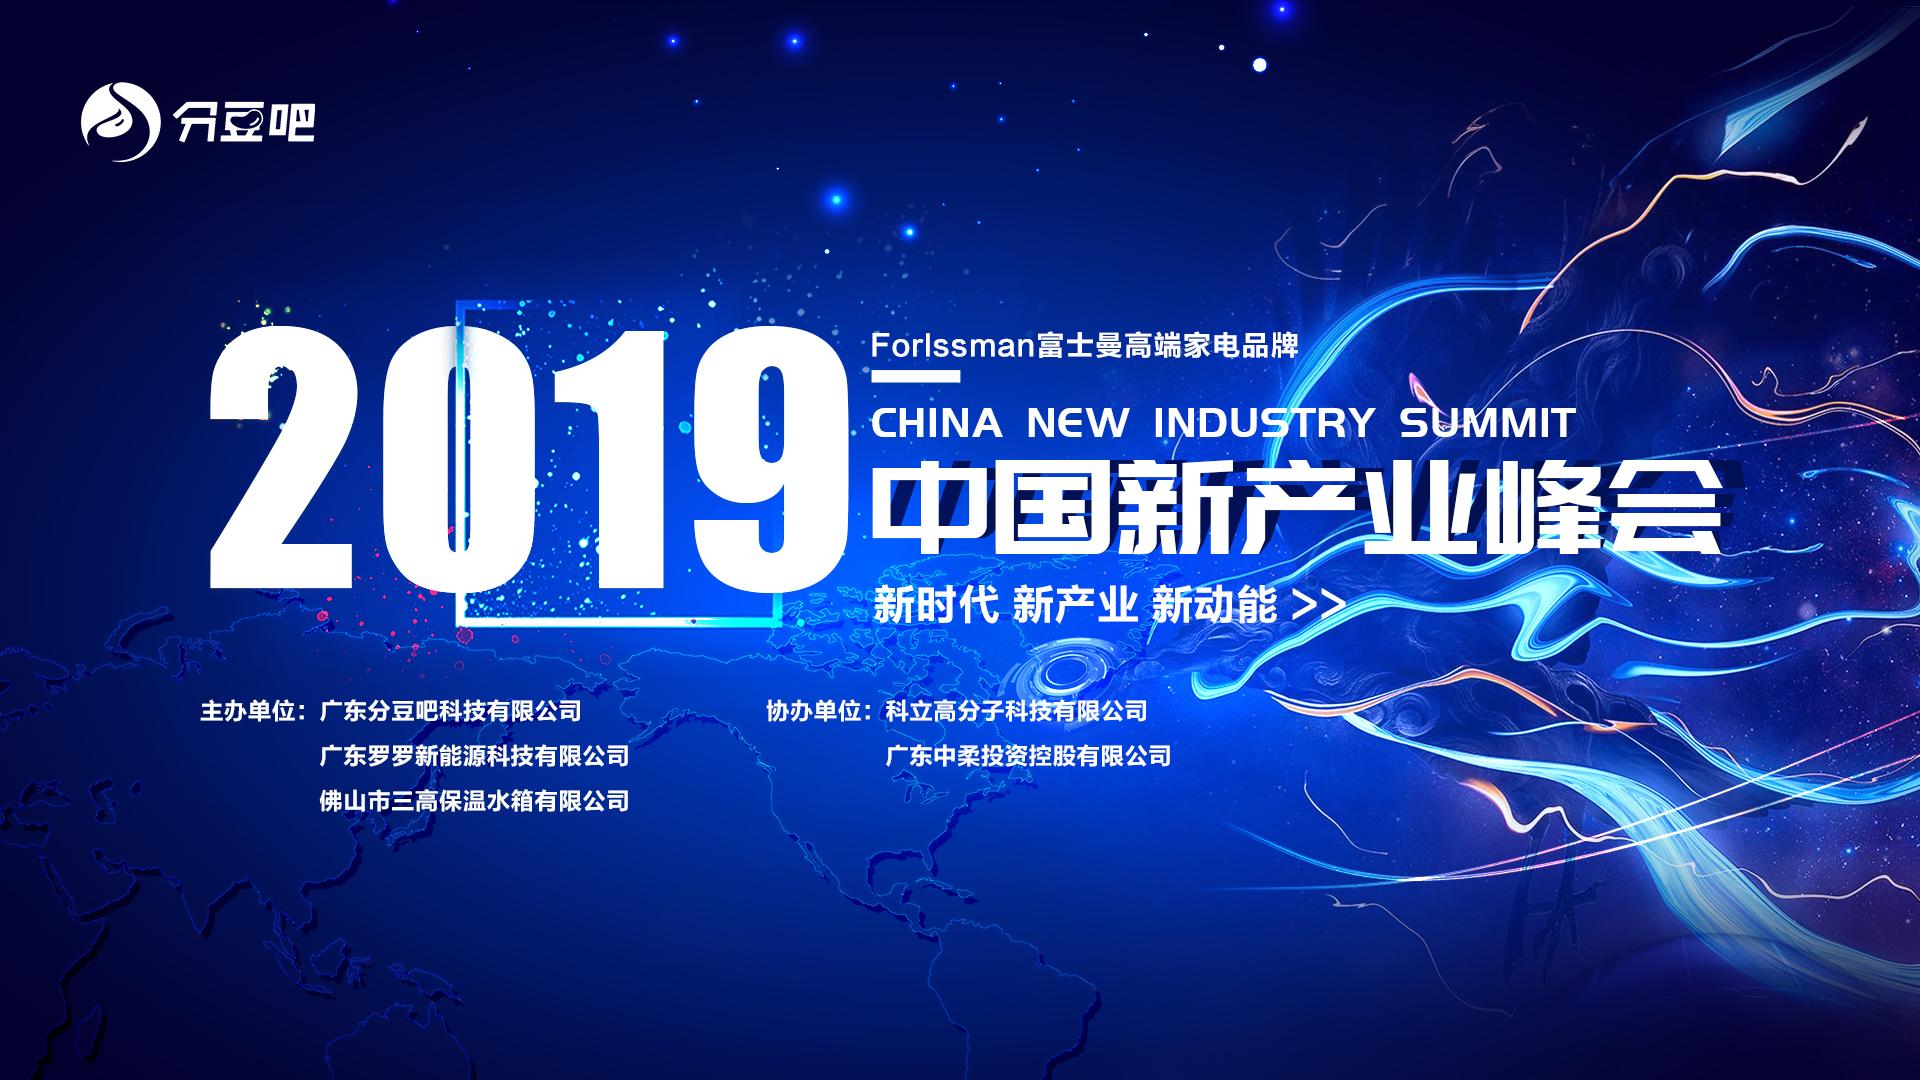 中国新产业峰会|群英荟萃,奏响实体产业转型突围最强音!